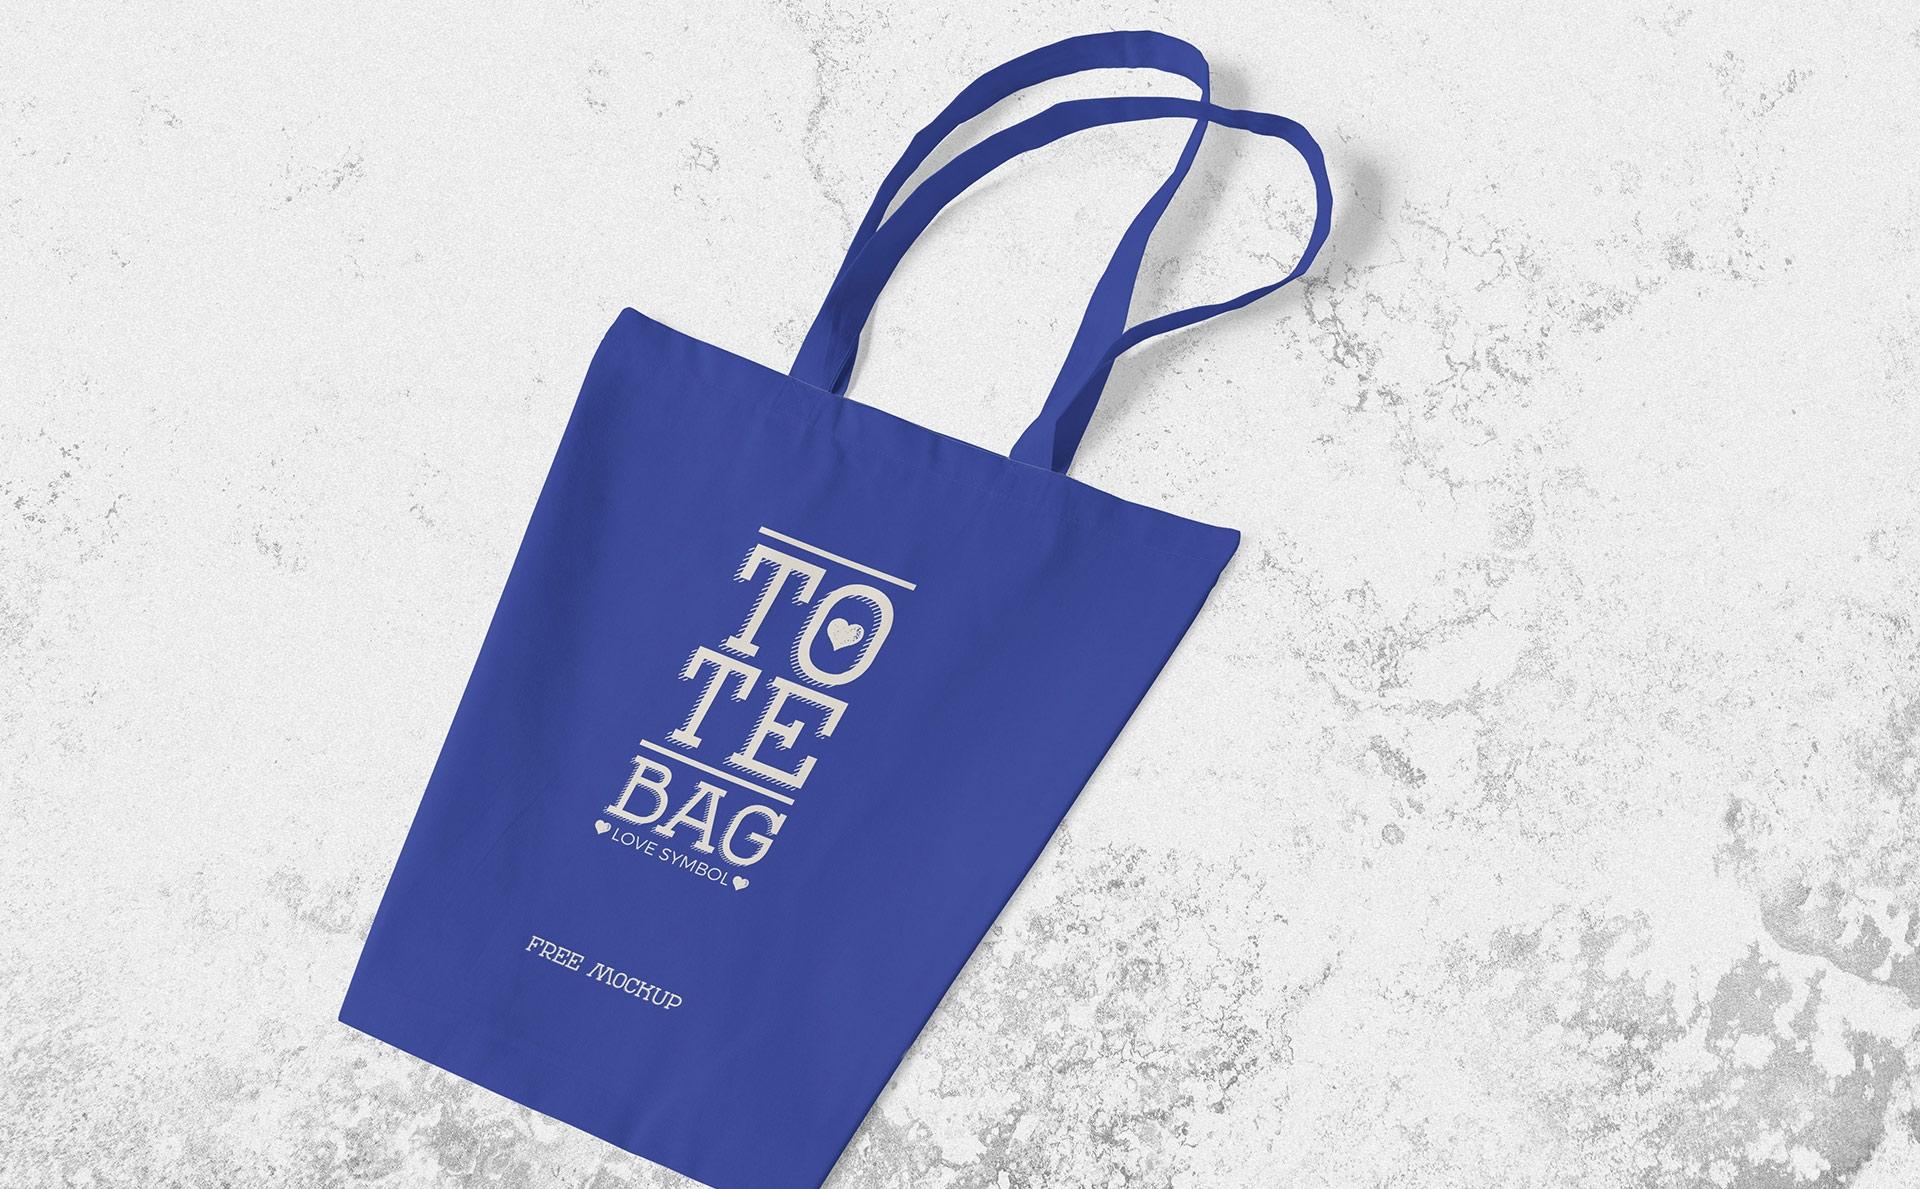 布艺手提袋场景样机  智能贴图样机展示 Professional Cotton Bag Mockup